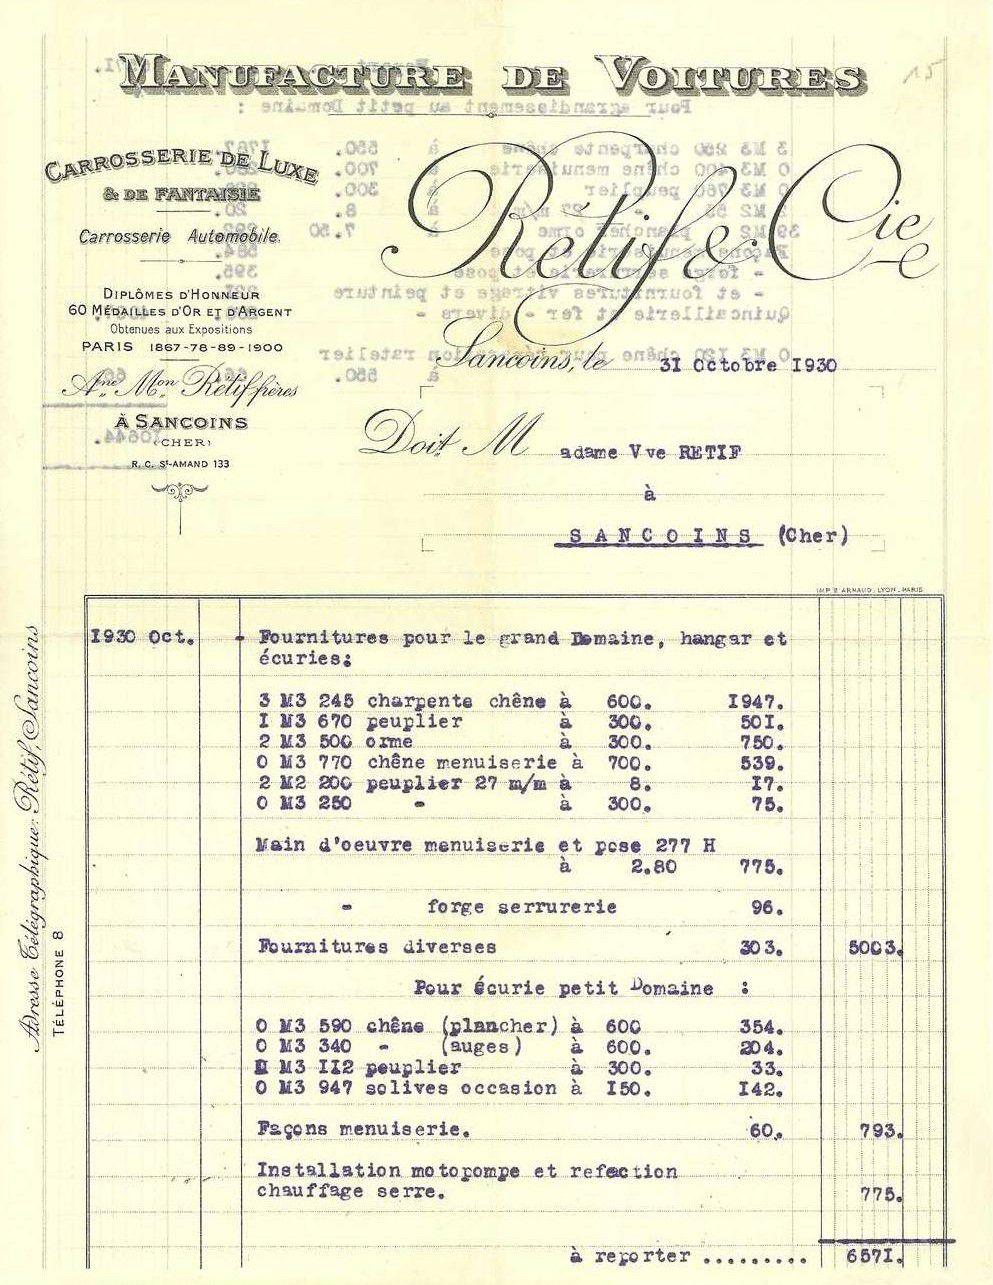 Une facture en 1930 : « Carrosserie de luxe et fantaisie, automobile »… mais aussi charpente de hangar, serrurerie, plancher!